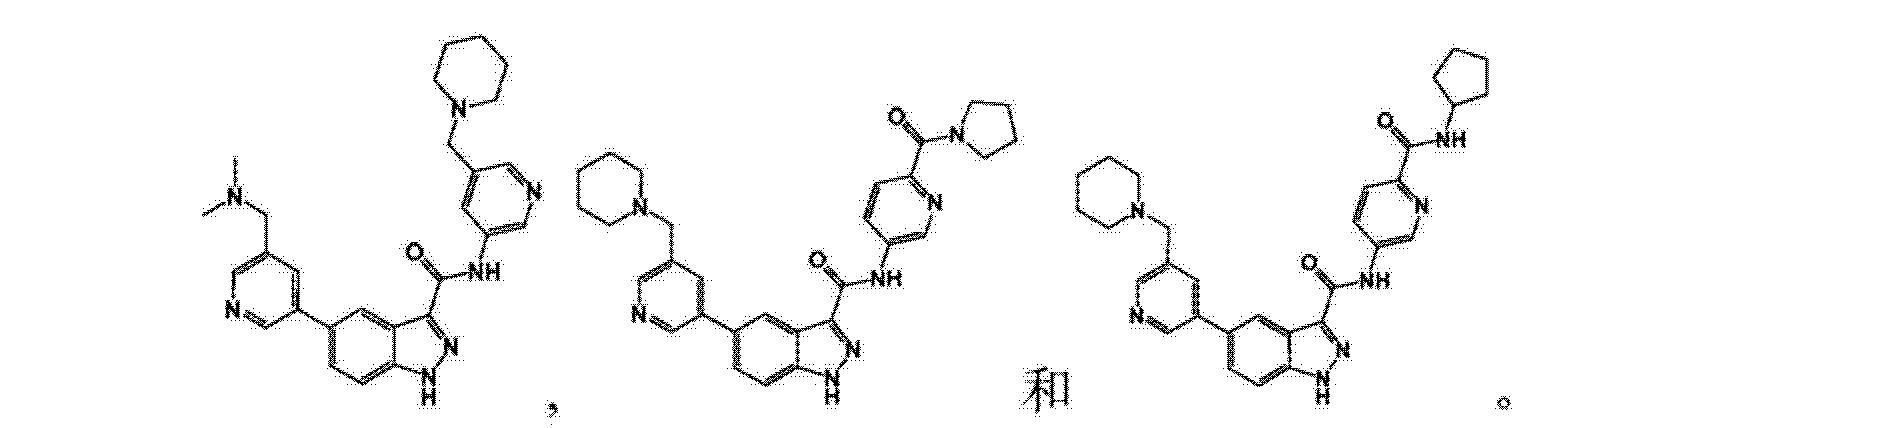 Figure CN103929963AC00692